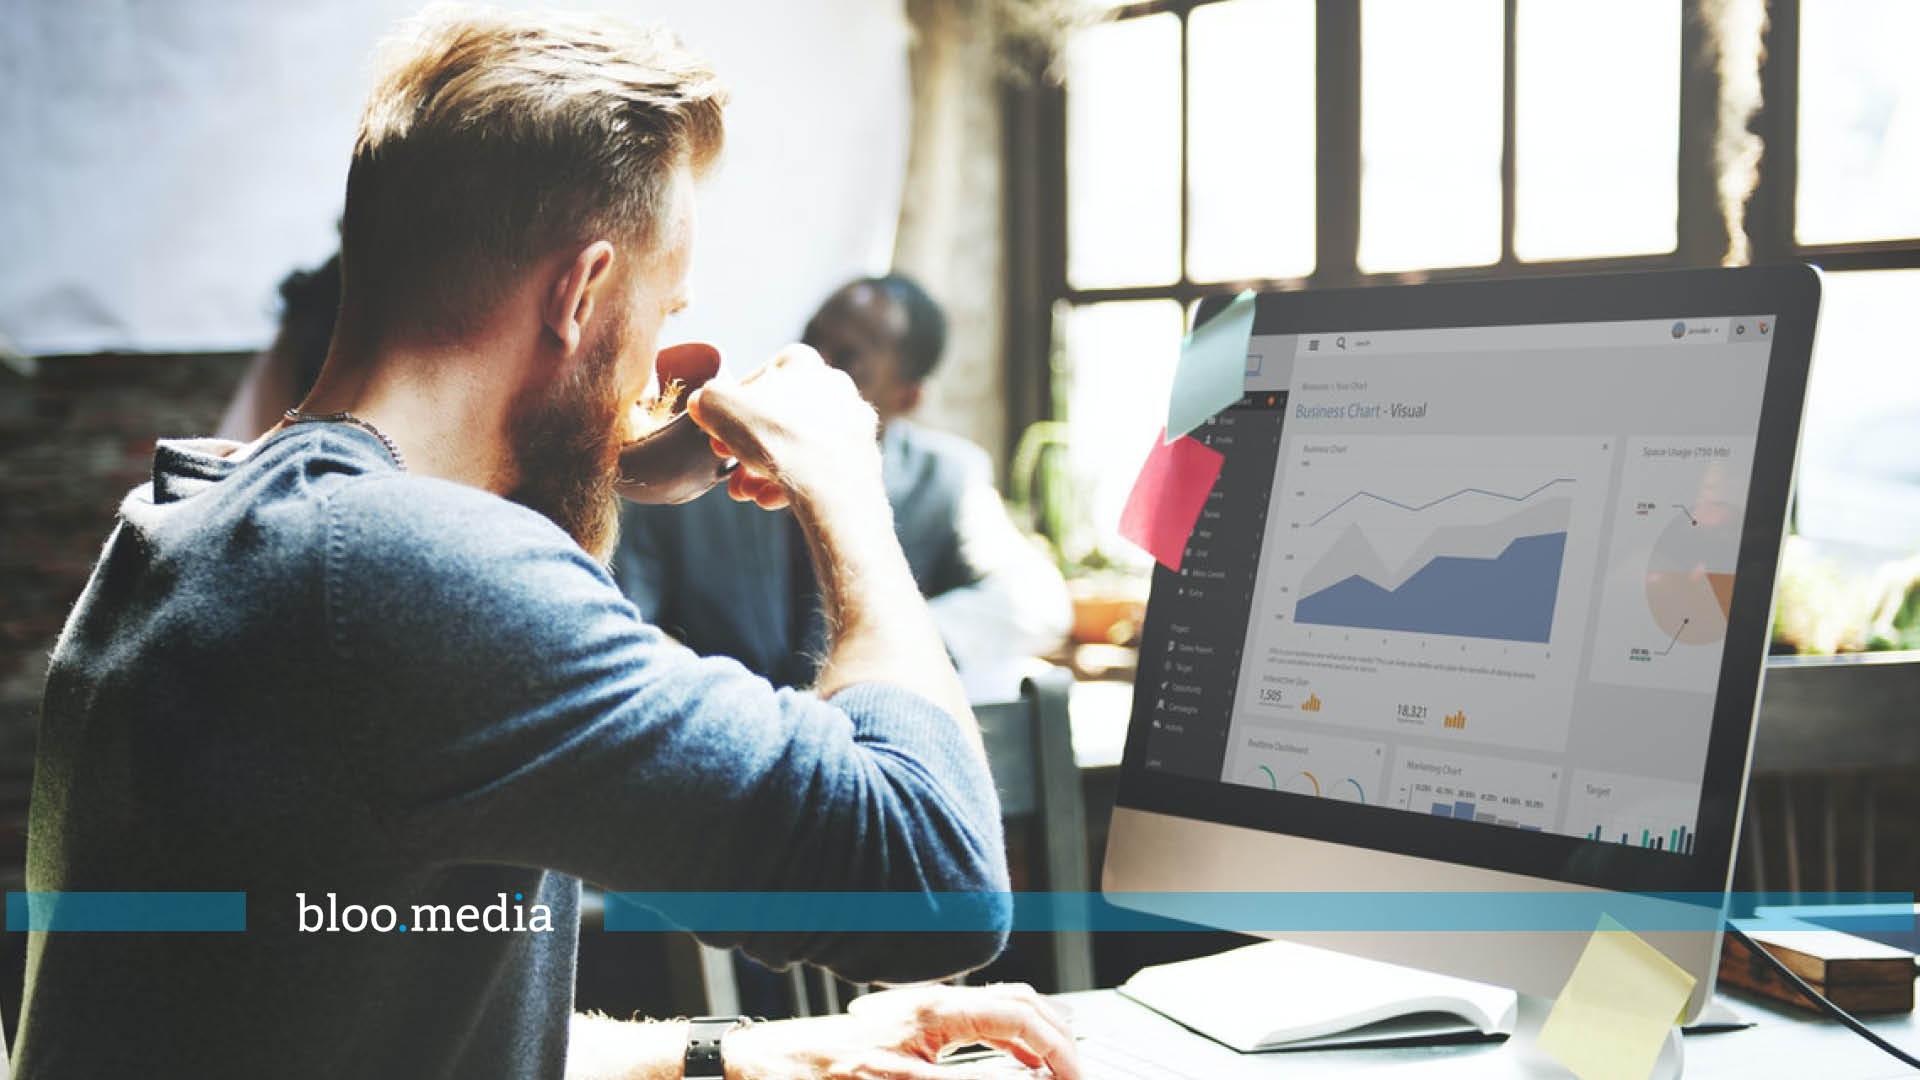 Analítica Web. Qué es y cómo puede ayudar a tu negocio